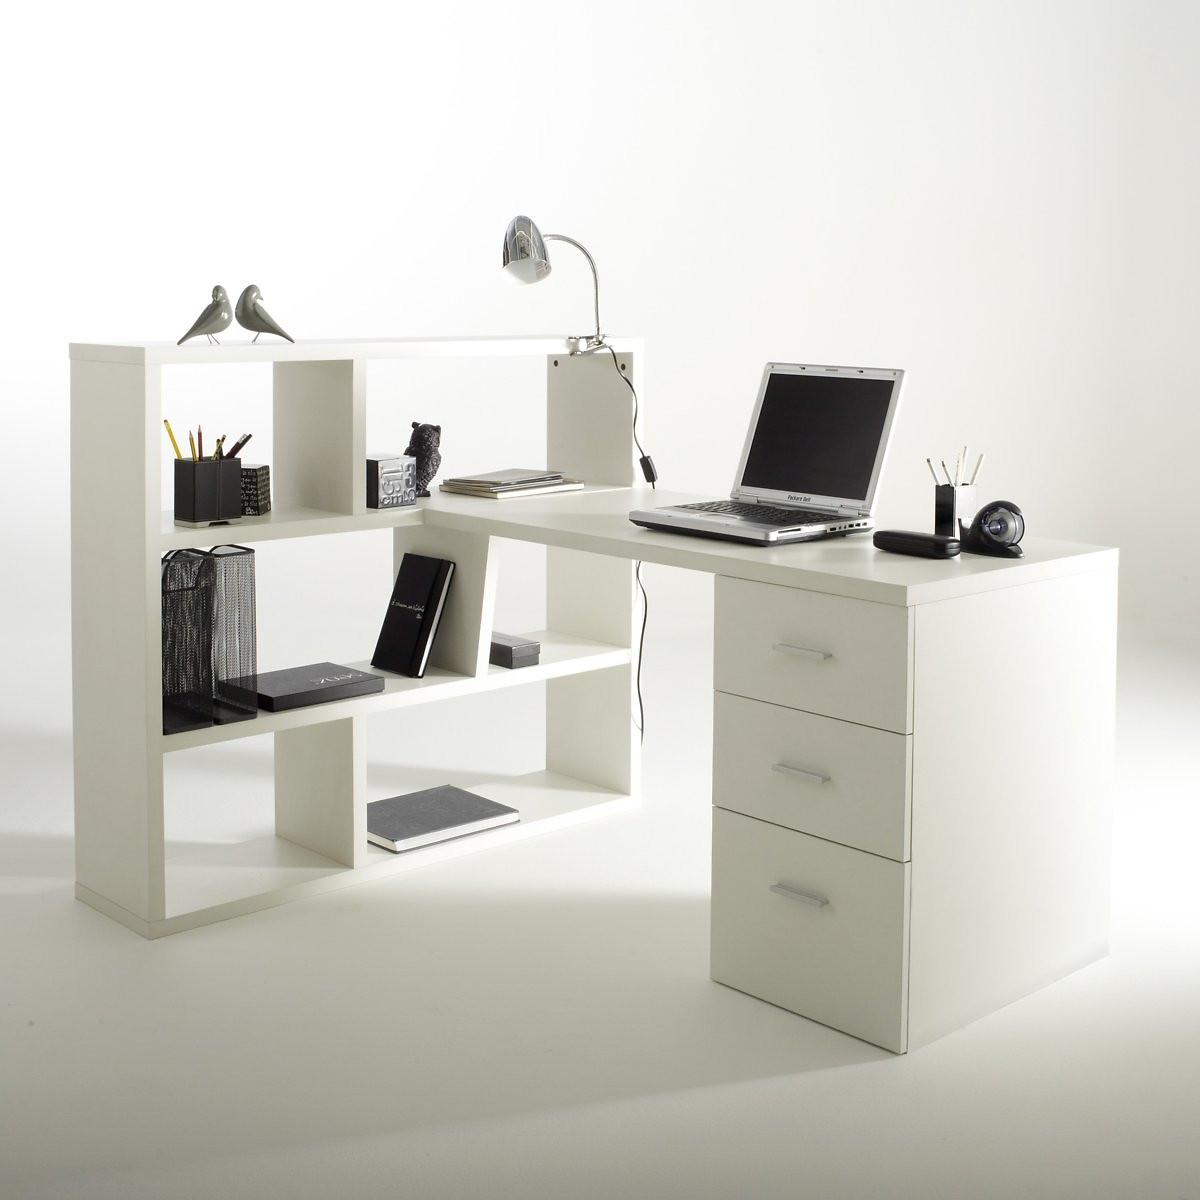 Письменный LaRedoute Стол с книжным шкафом двухсторонним Fnon единый размер белый